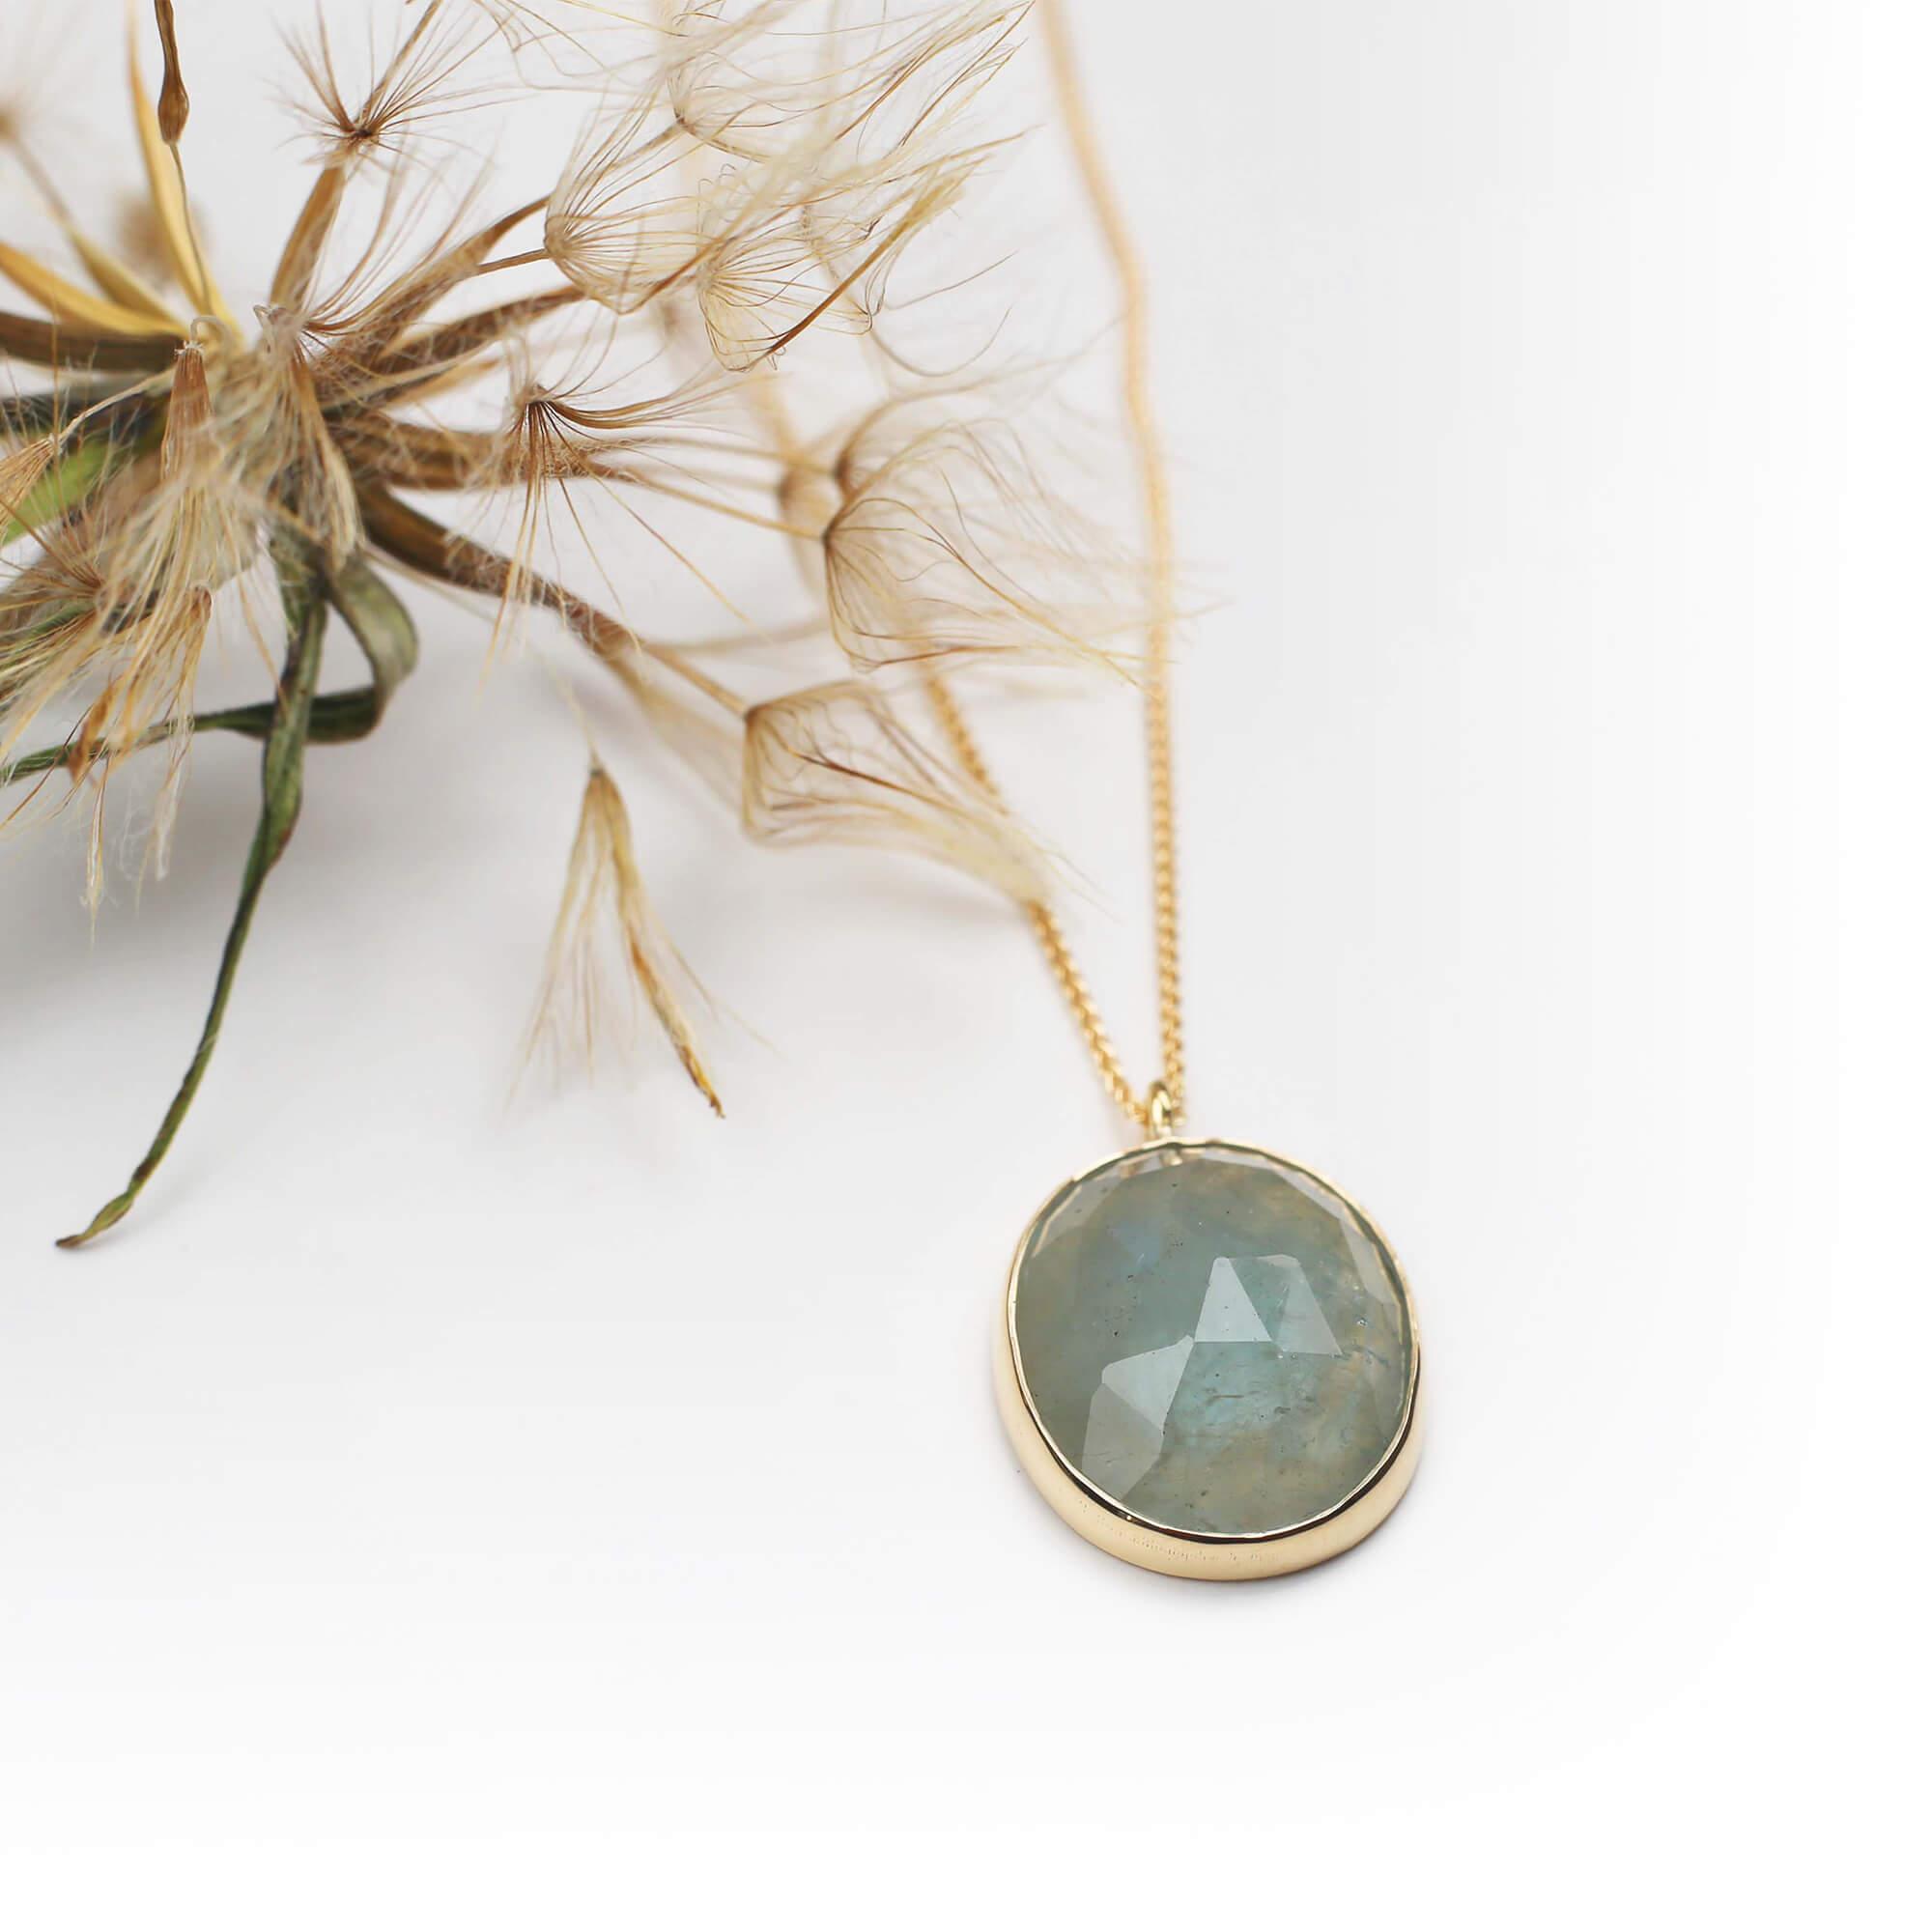 Rose cut aquamarine and gold pendant